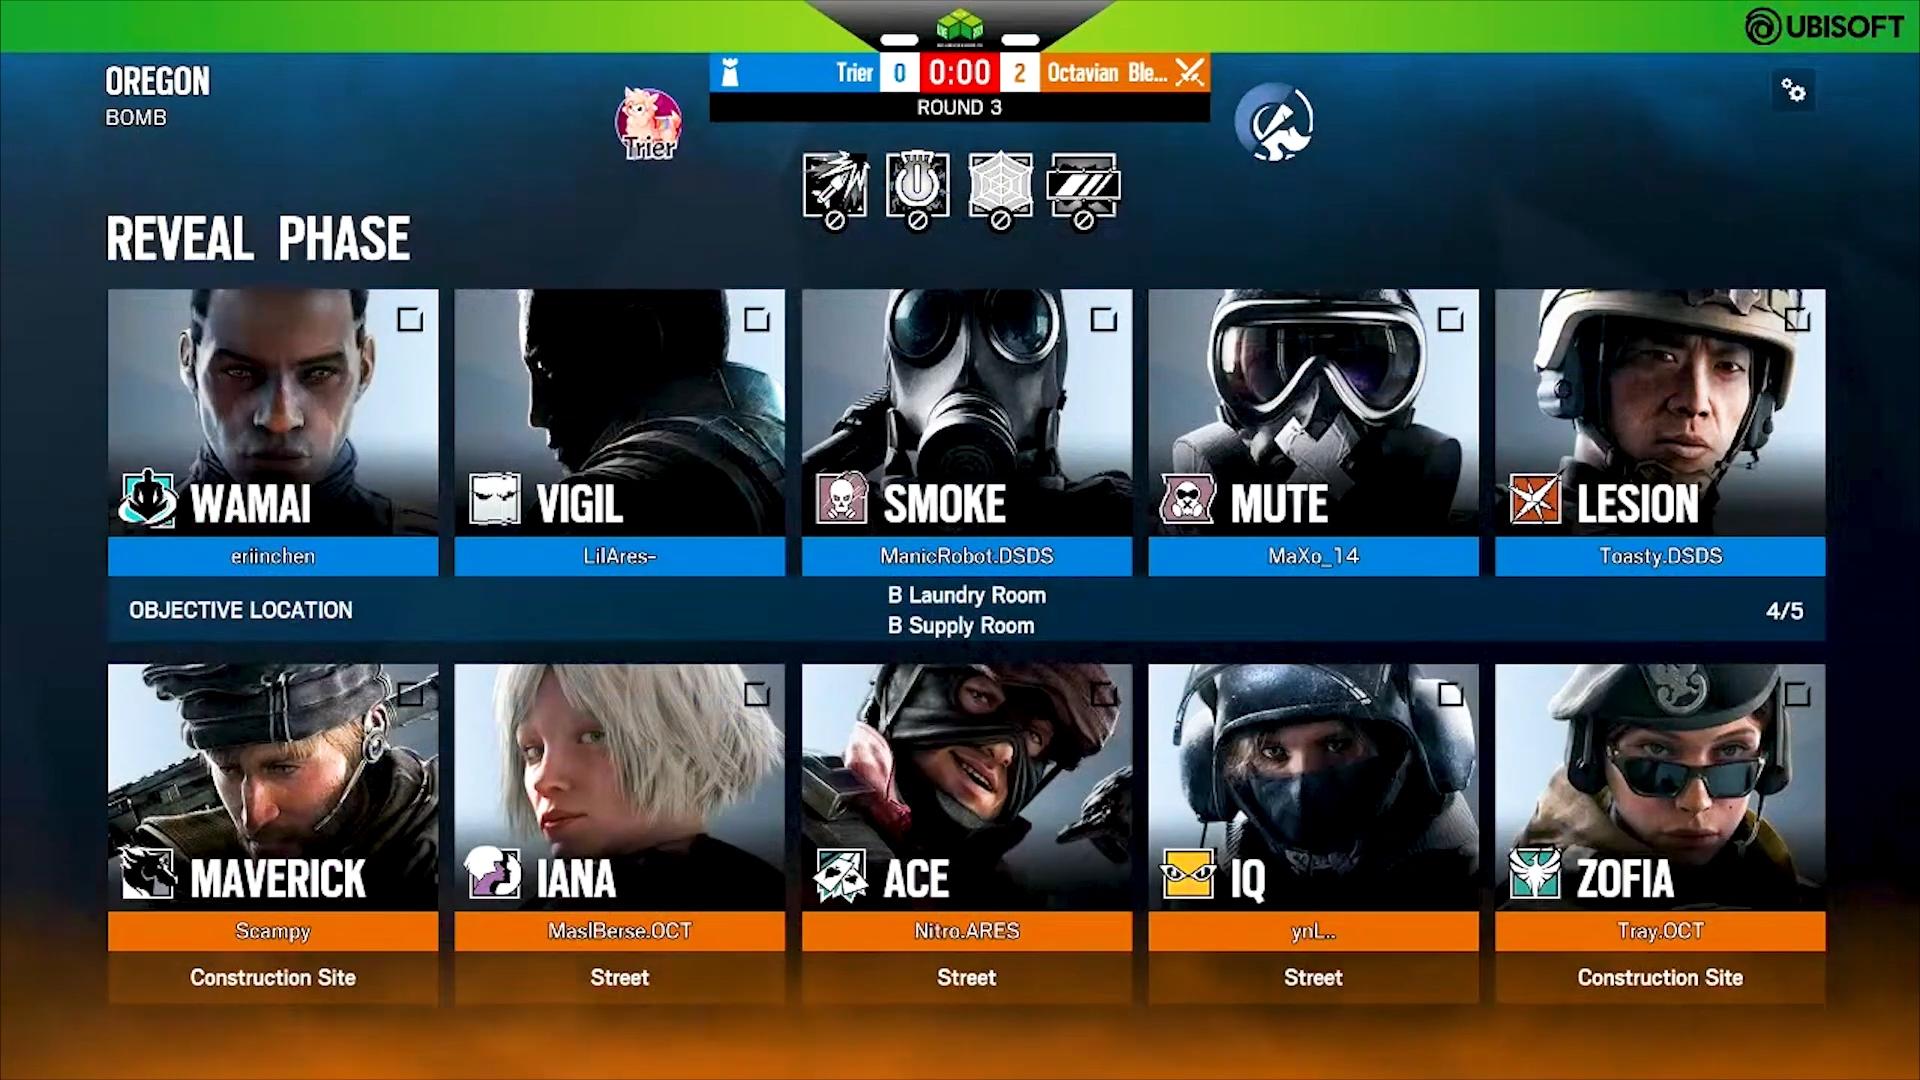 Das Bild zeigt den Auswahlbildschirm für Operatoren für das Spiel Rainbow Six Siege.